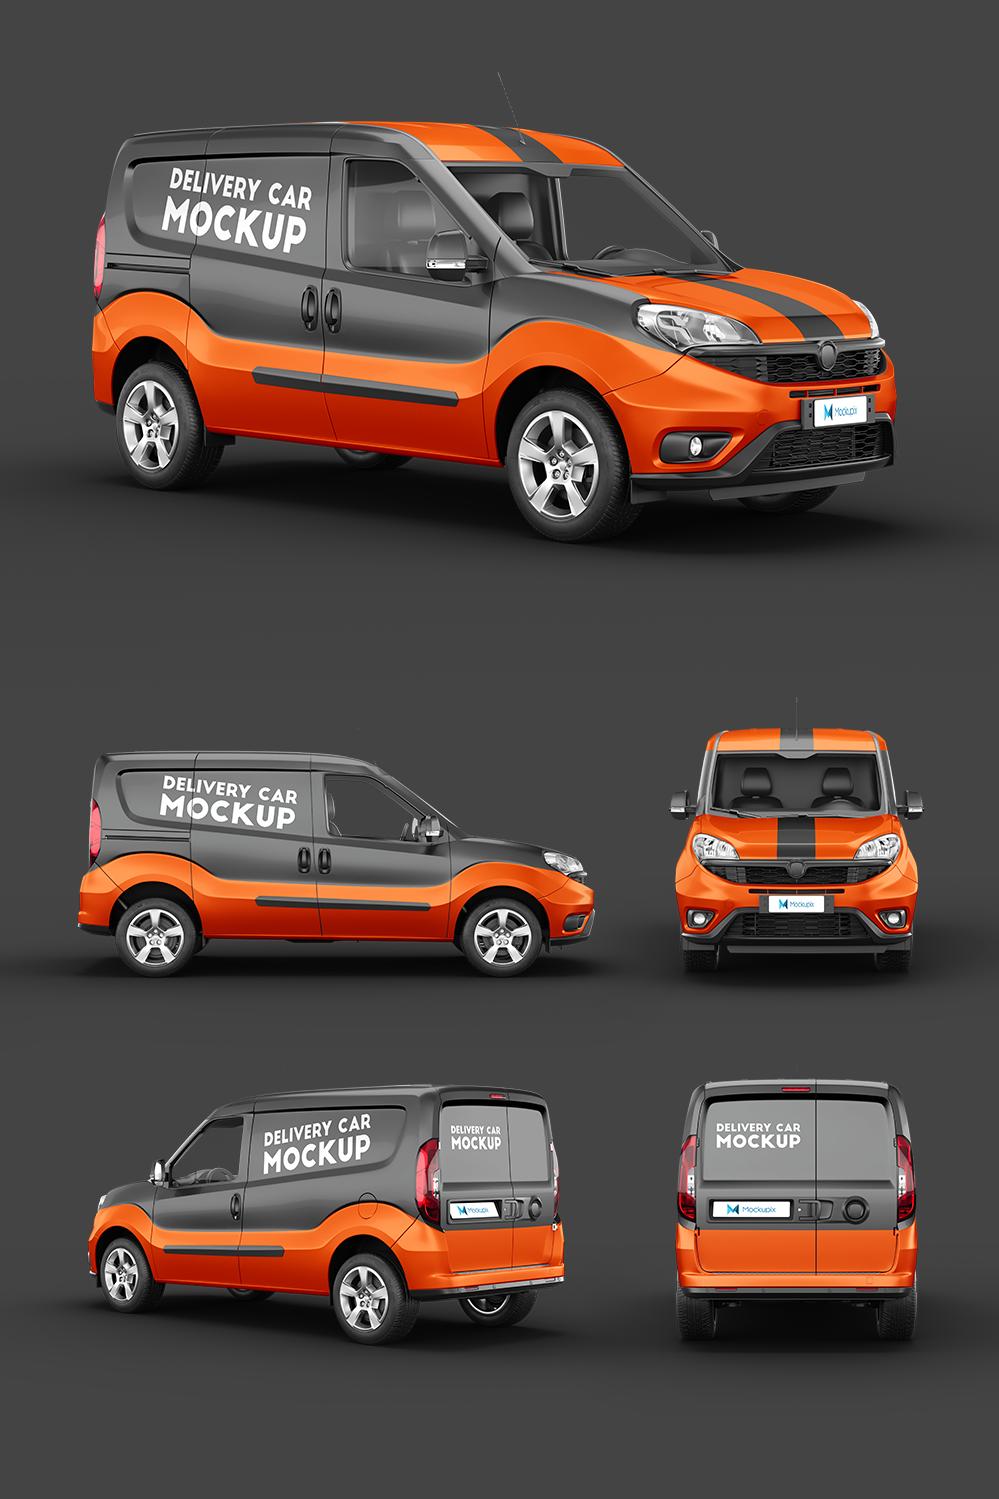 Delivery Car Mockup 3 Van Design Vehicle Signage Orange Vans